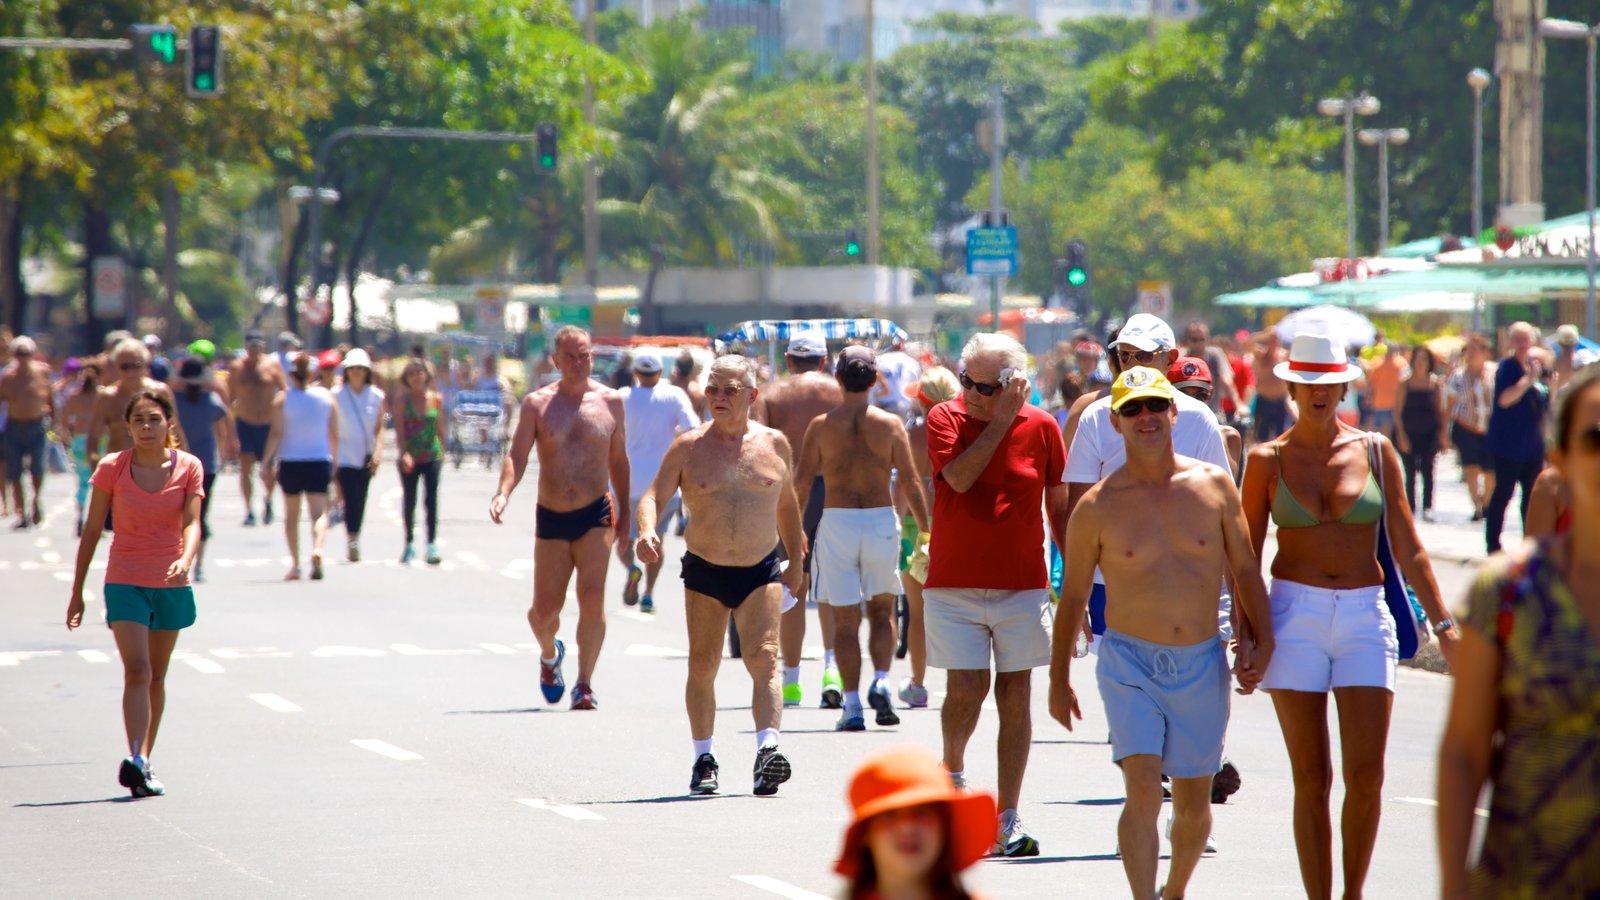 Praia de Copacabana caracterizando cenas de rua assim como um grande grupo de pessoas